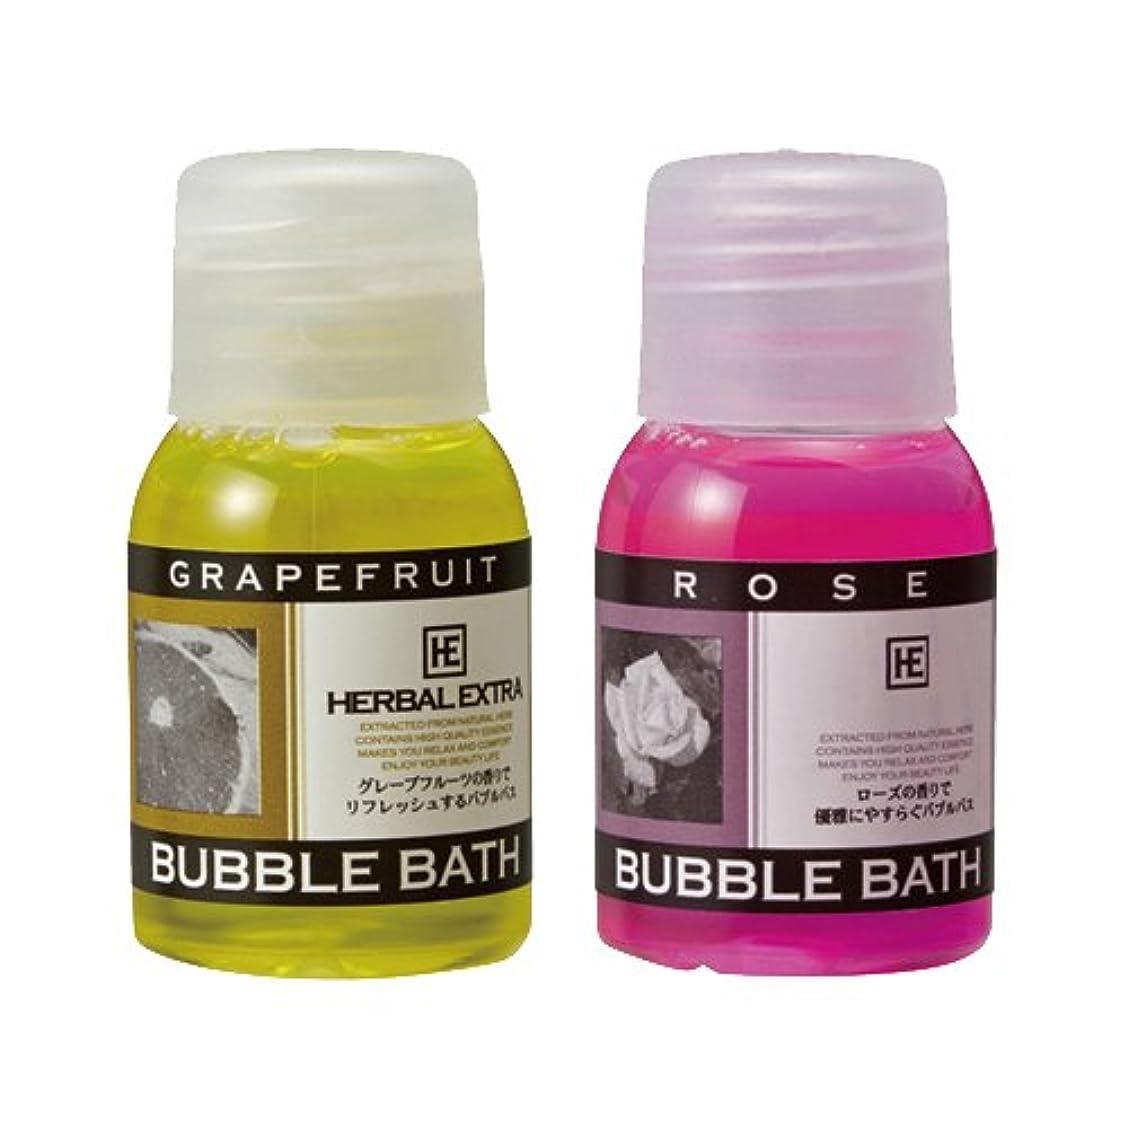 小さな刺繍根拠ハーバルエクストラ バブルバス ミニボトル × おまかせアソート20個セット - ホテルアメニティ 業務用 発泡入浴剤 (BUBBLE BATH)